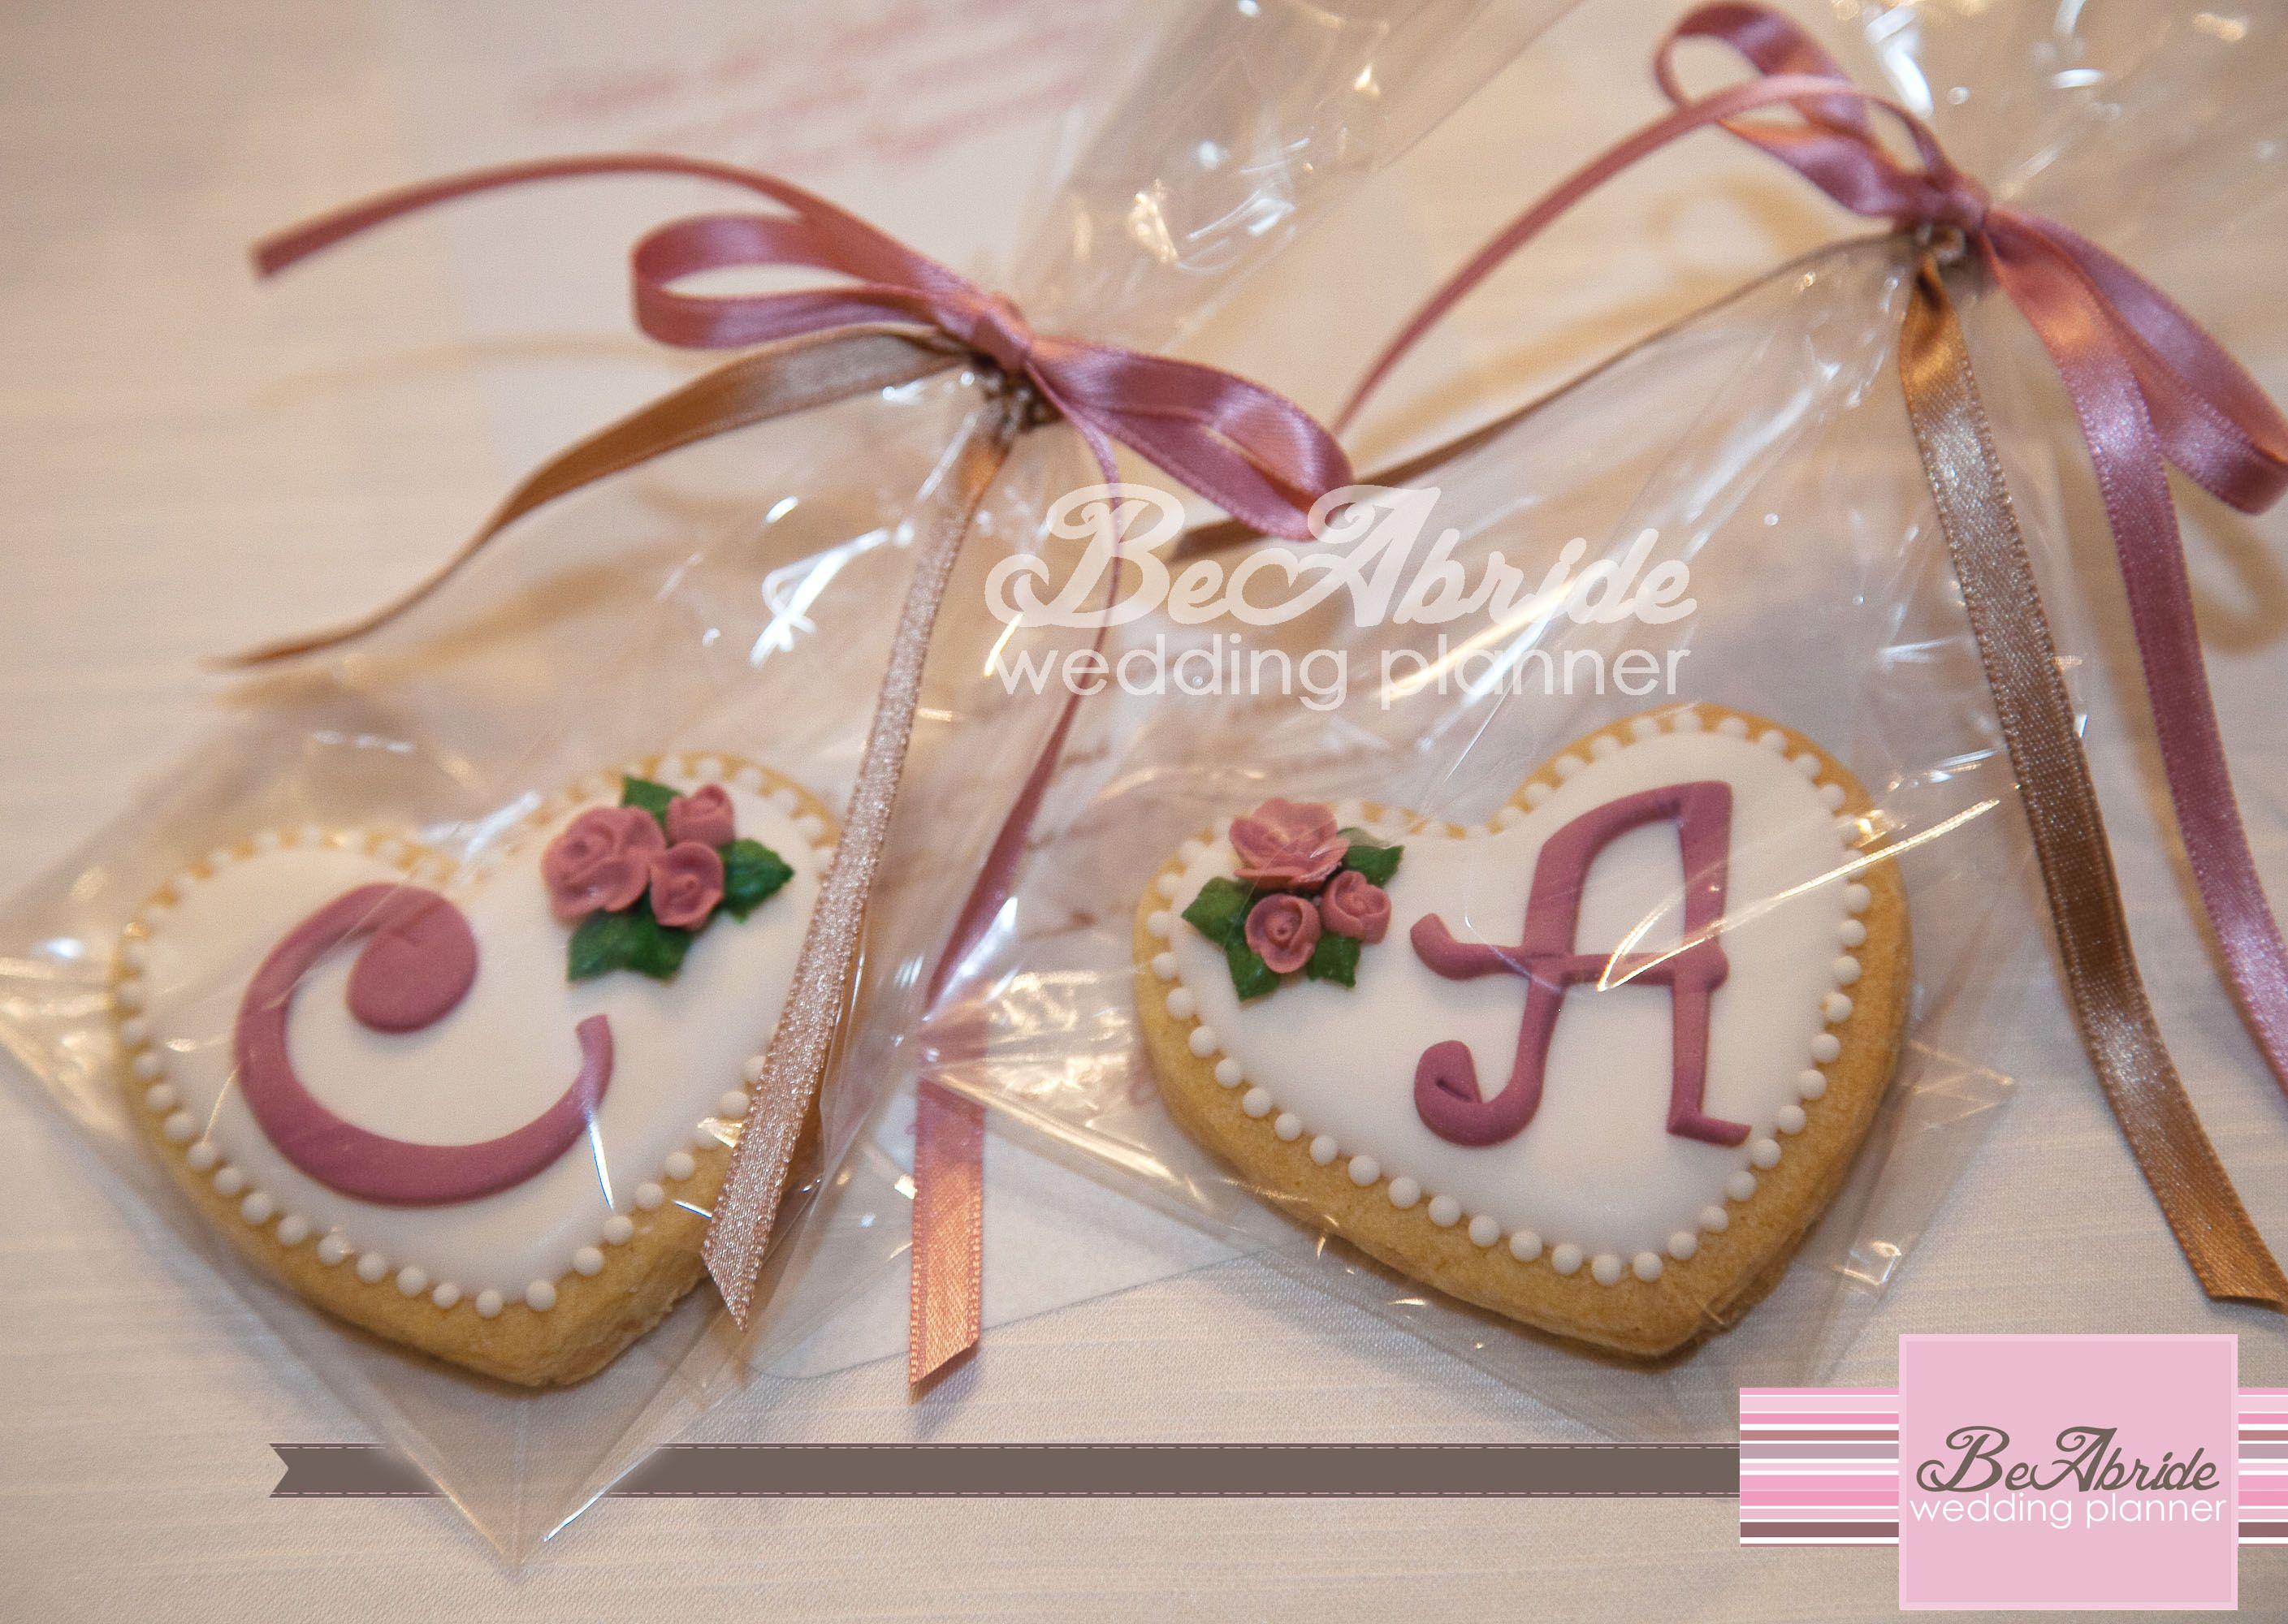 Biscotti segnaposto by Delicake cake designer...wedding cookies by Delicake cake designer